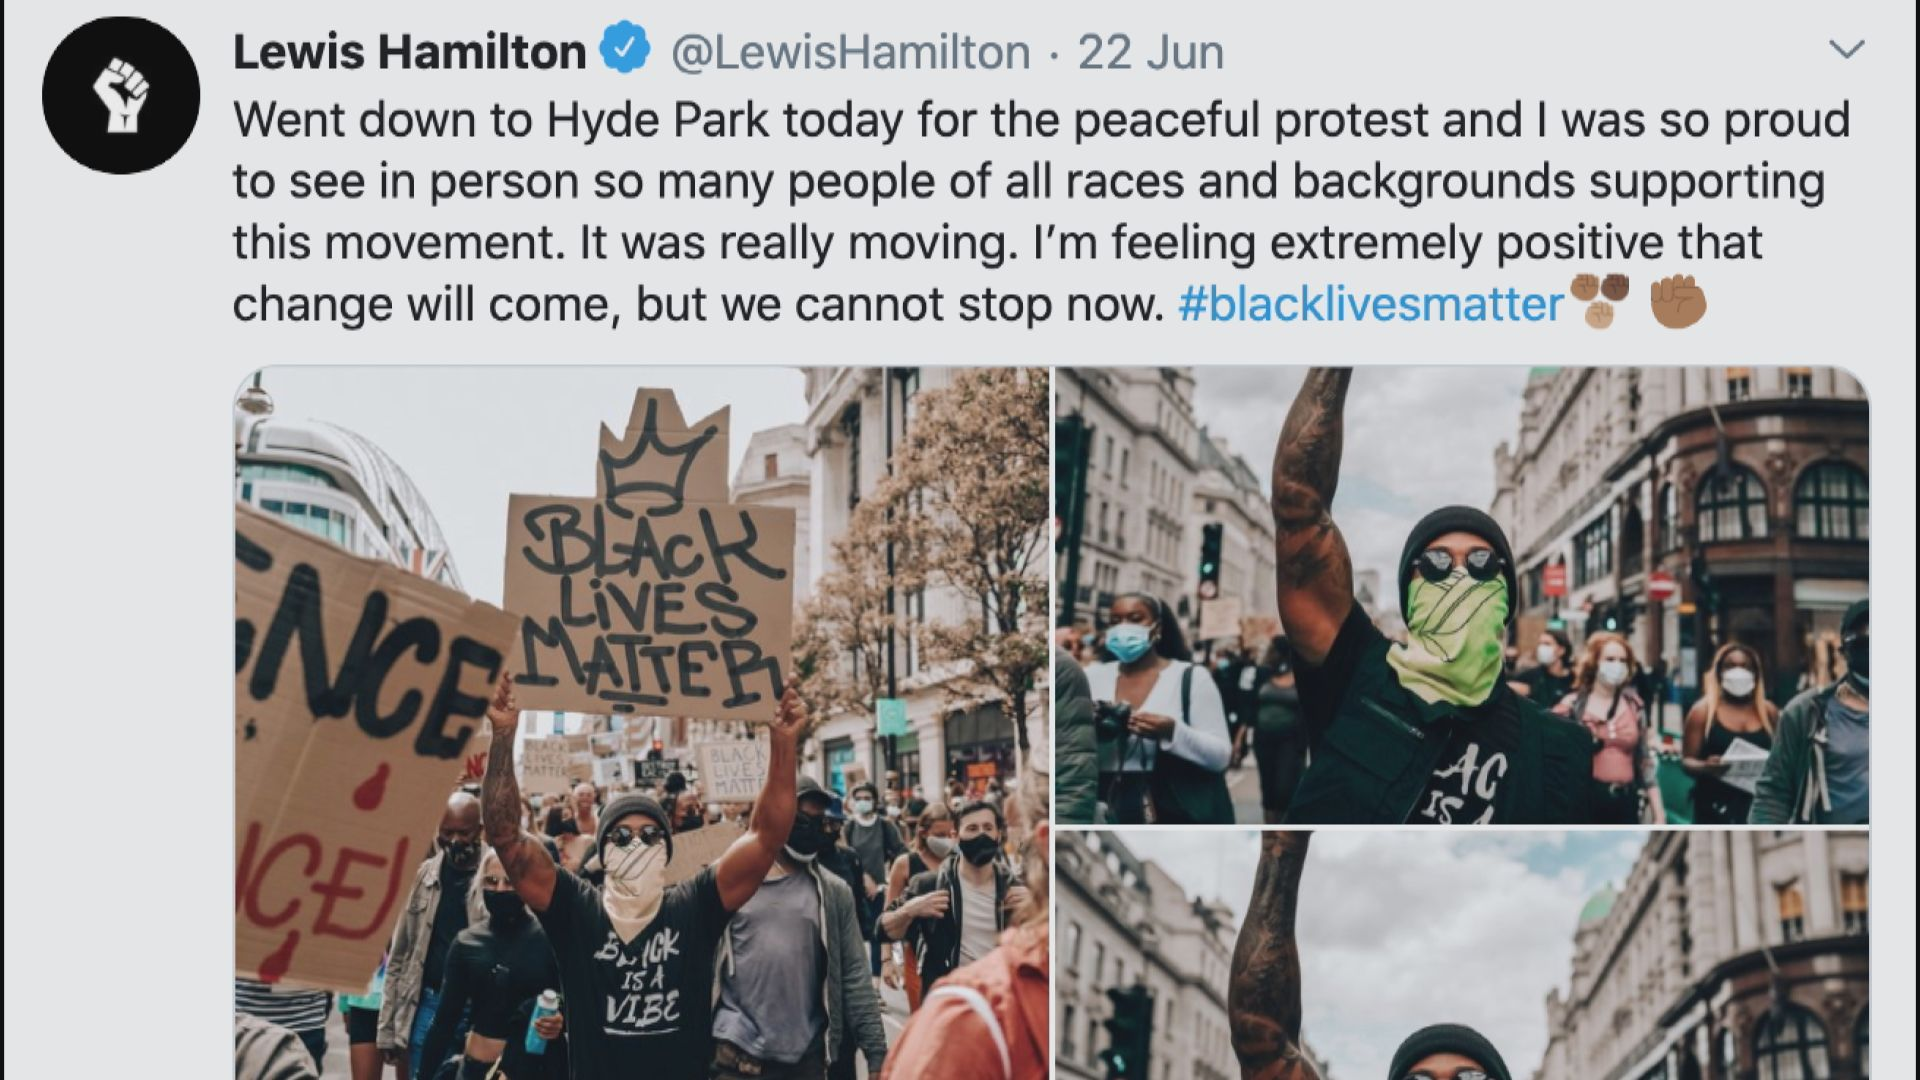 咸美頓參與反種族示威 促賽車界推動變革